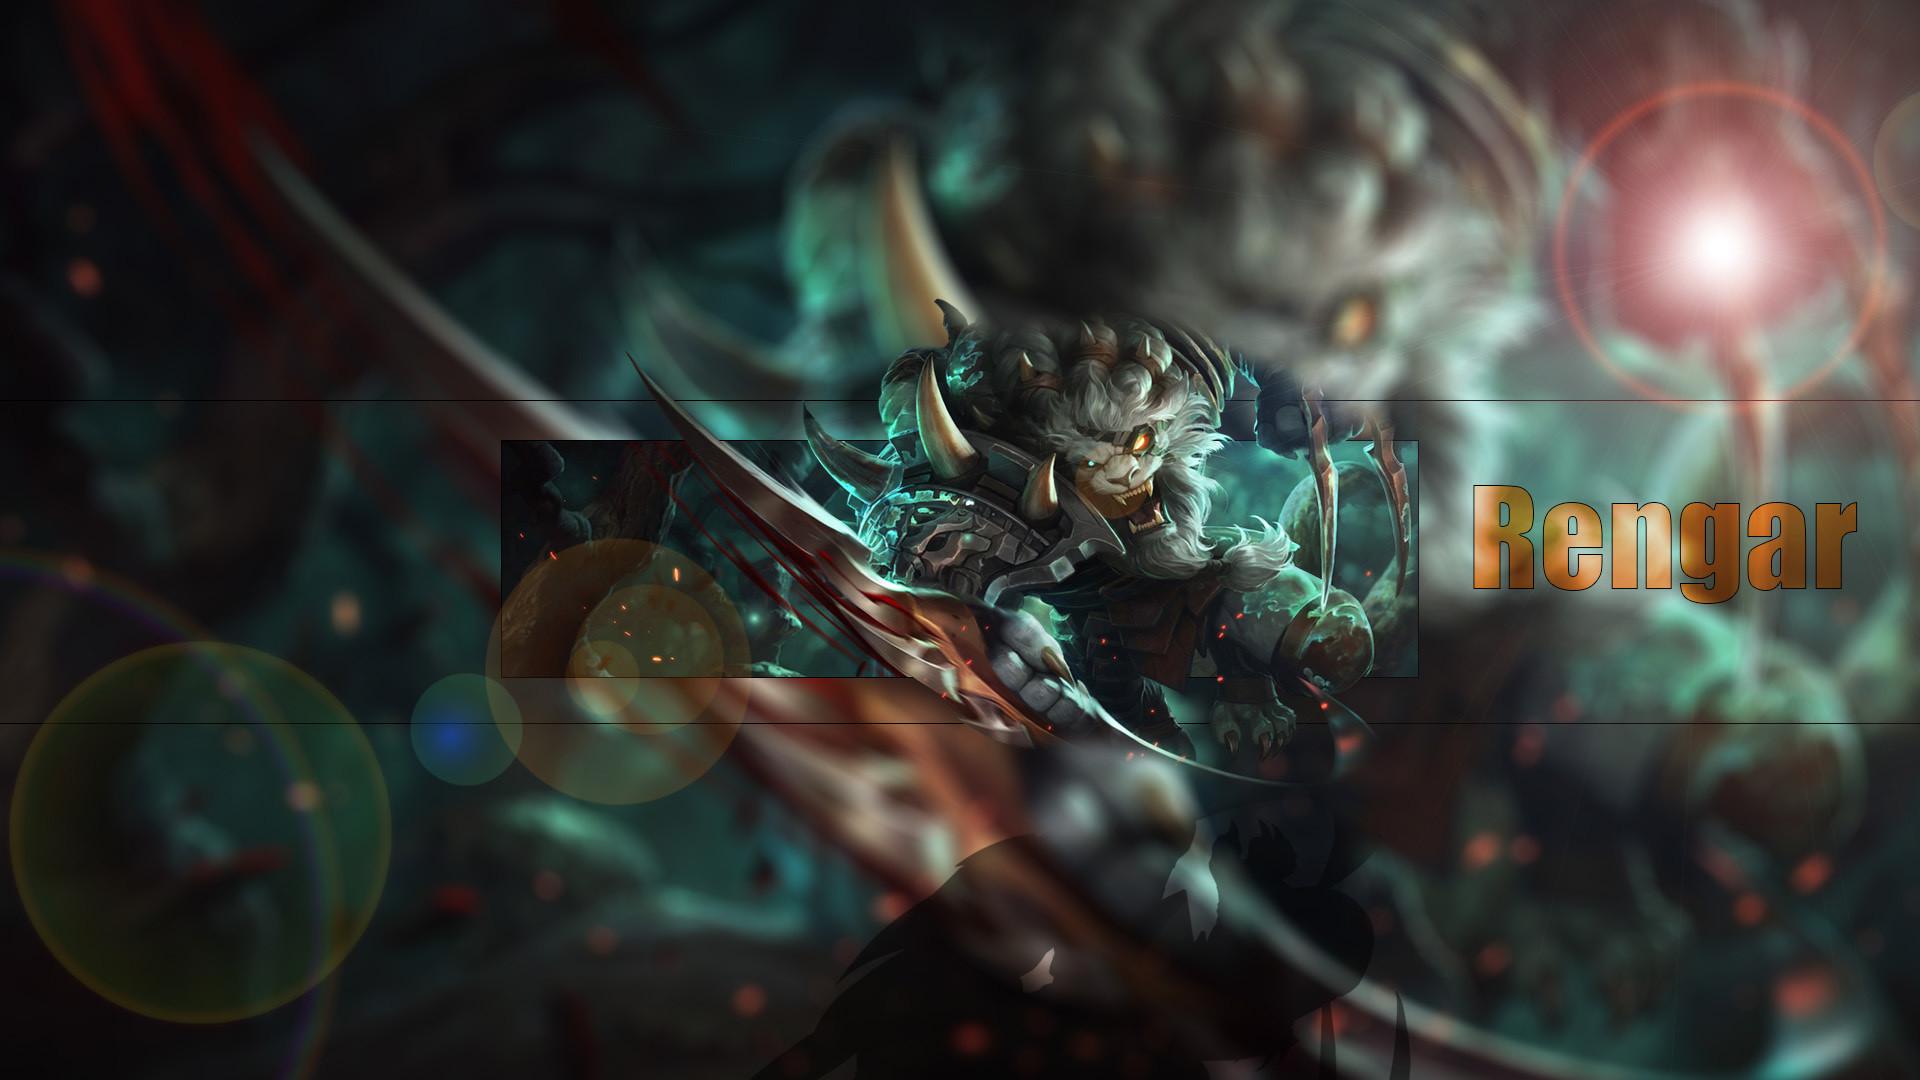 Rengar by Icehans HD Wallpaper Fan Artwork League of Legends lol